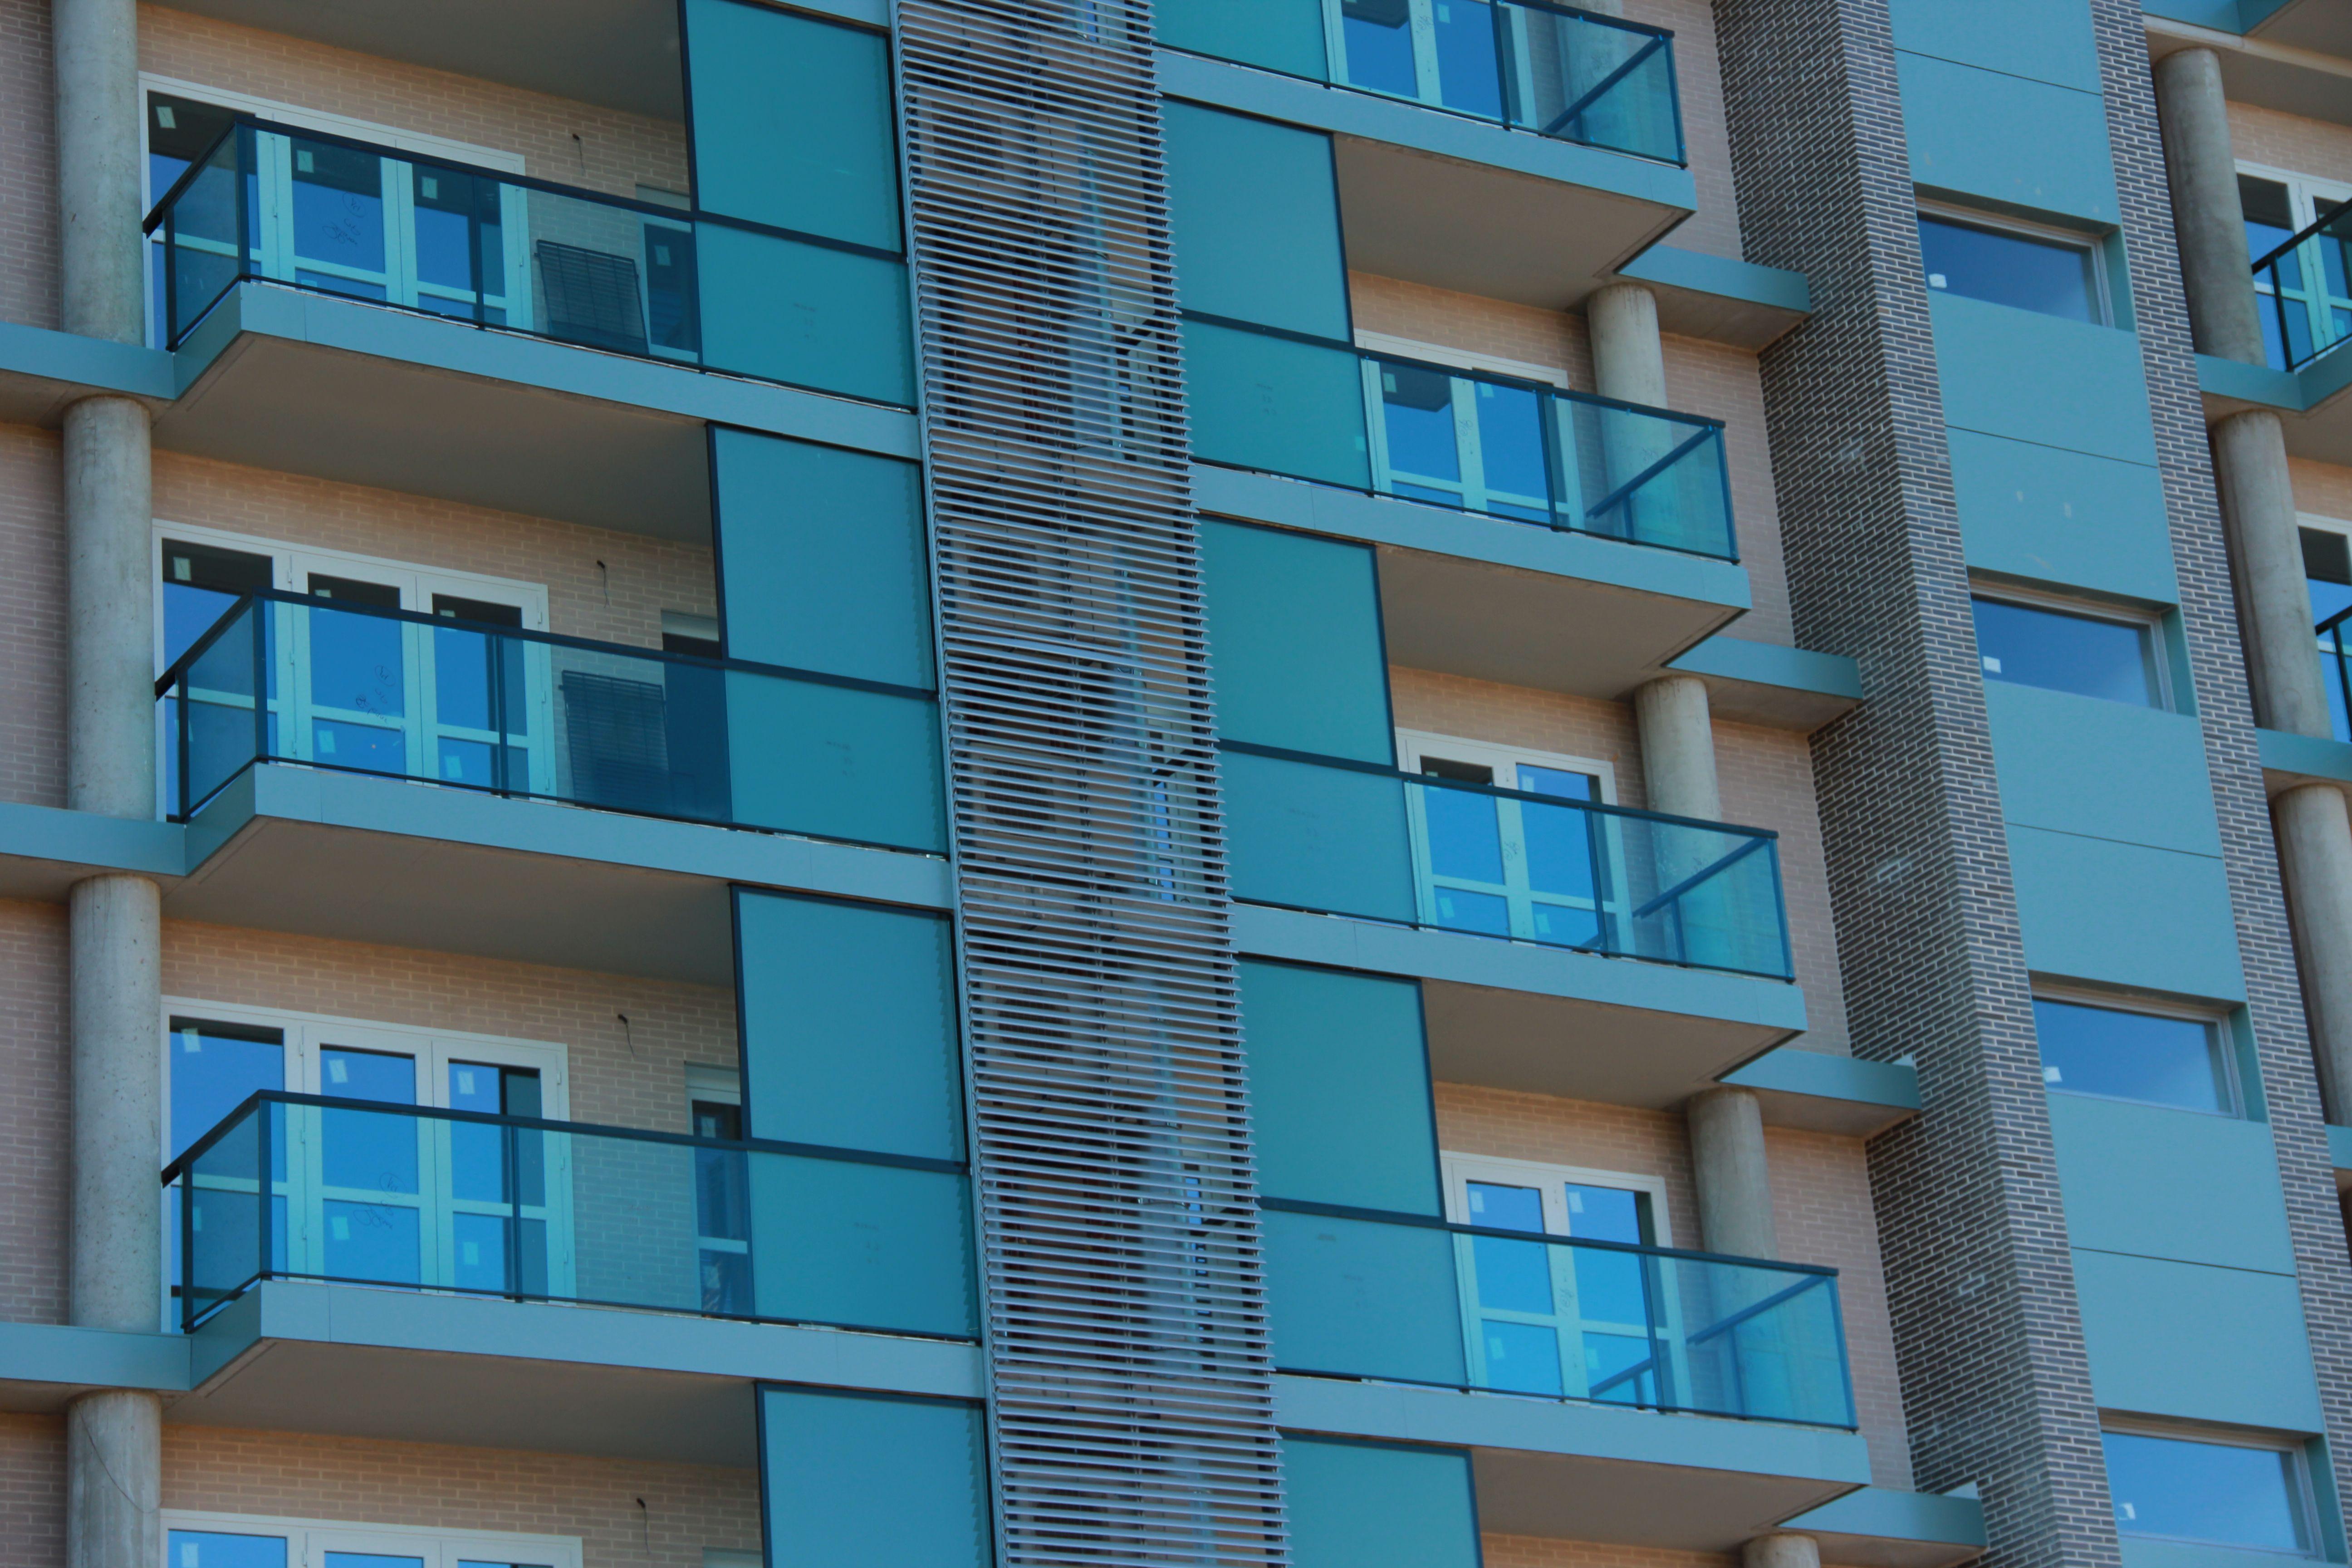 Detalle de fachada principal. Terrazas-tendederos. | OBRA - 63 viv ...